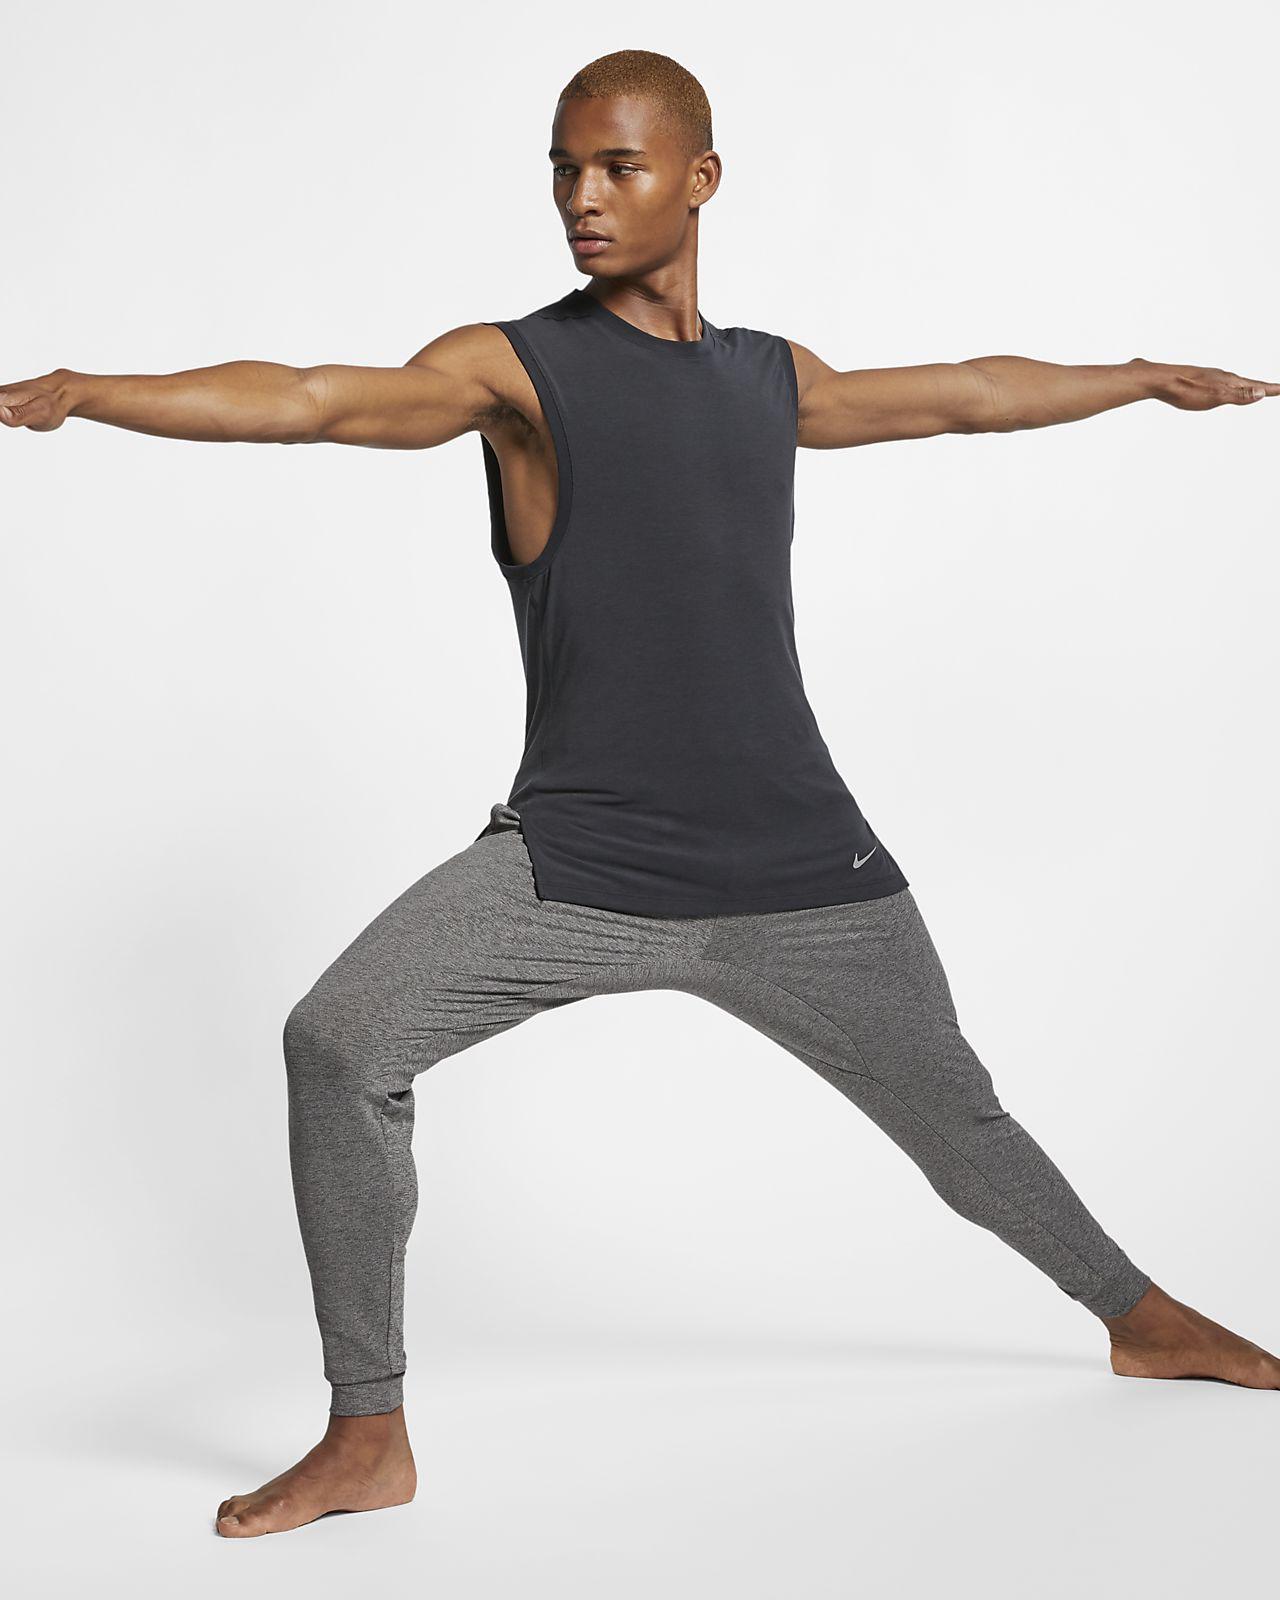 8f99c55e37 Nike Dri-FIT Men's Yoga Training Tank. Nike.com DK